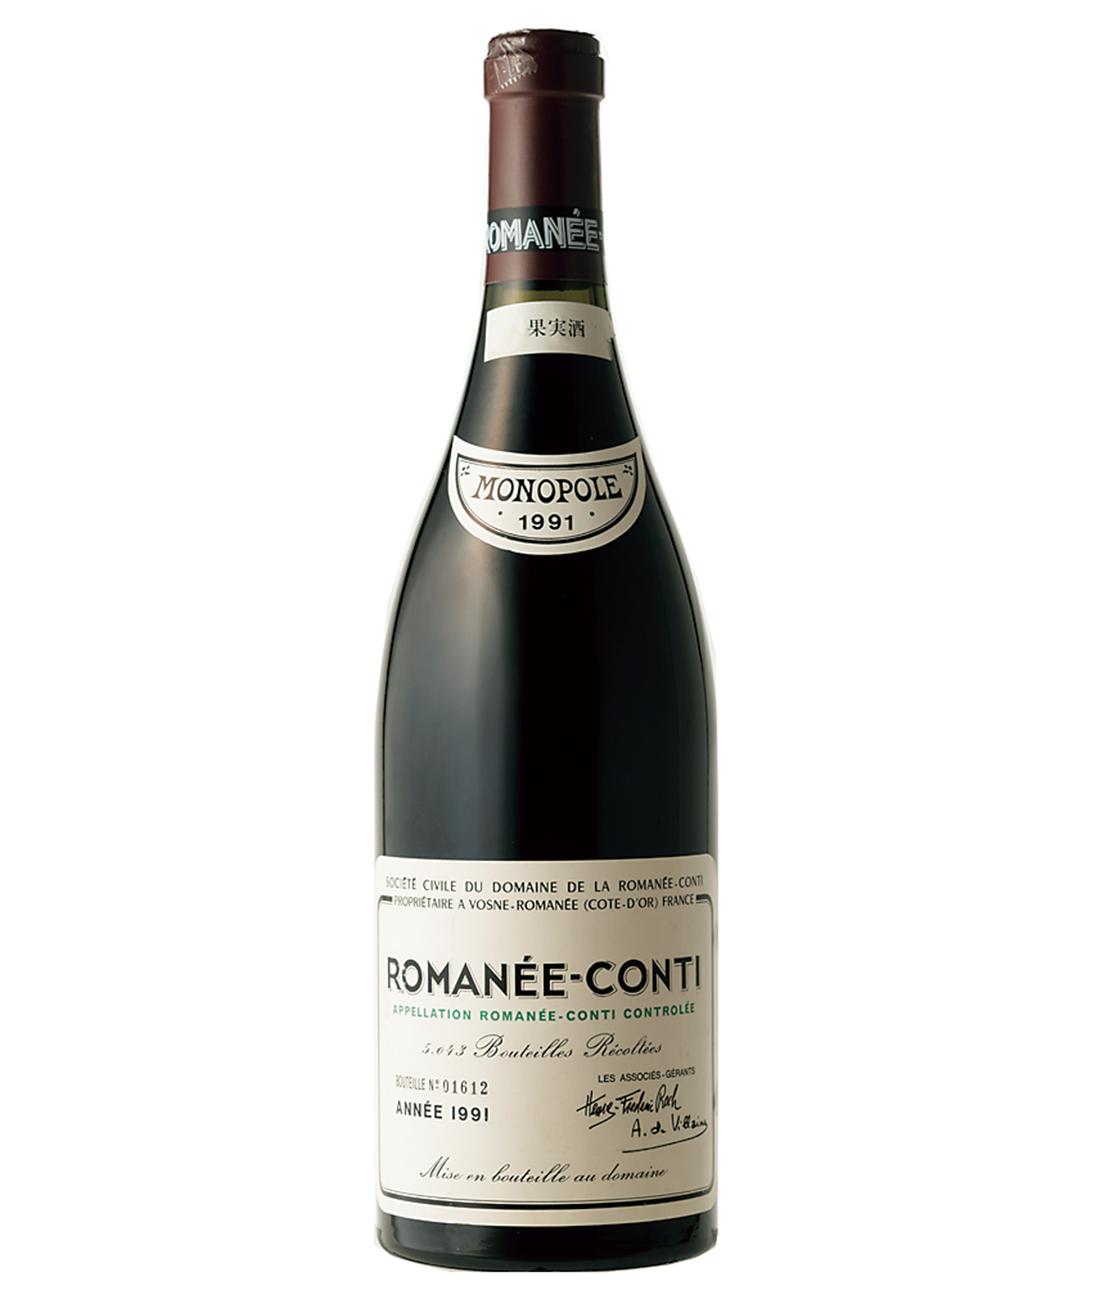 ロマネ・コンティ1991 ドメーヌ・ド・ラ・ロマネ・コンティ